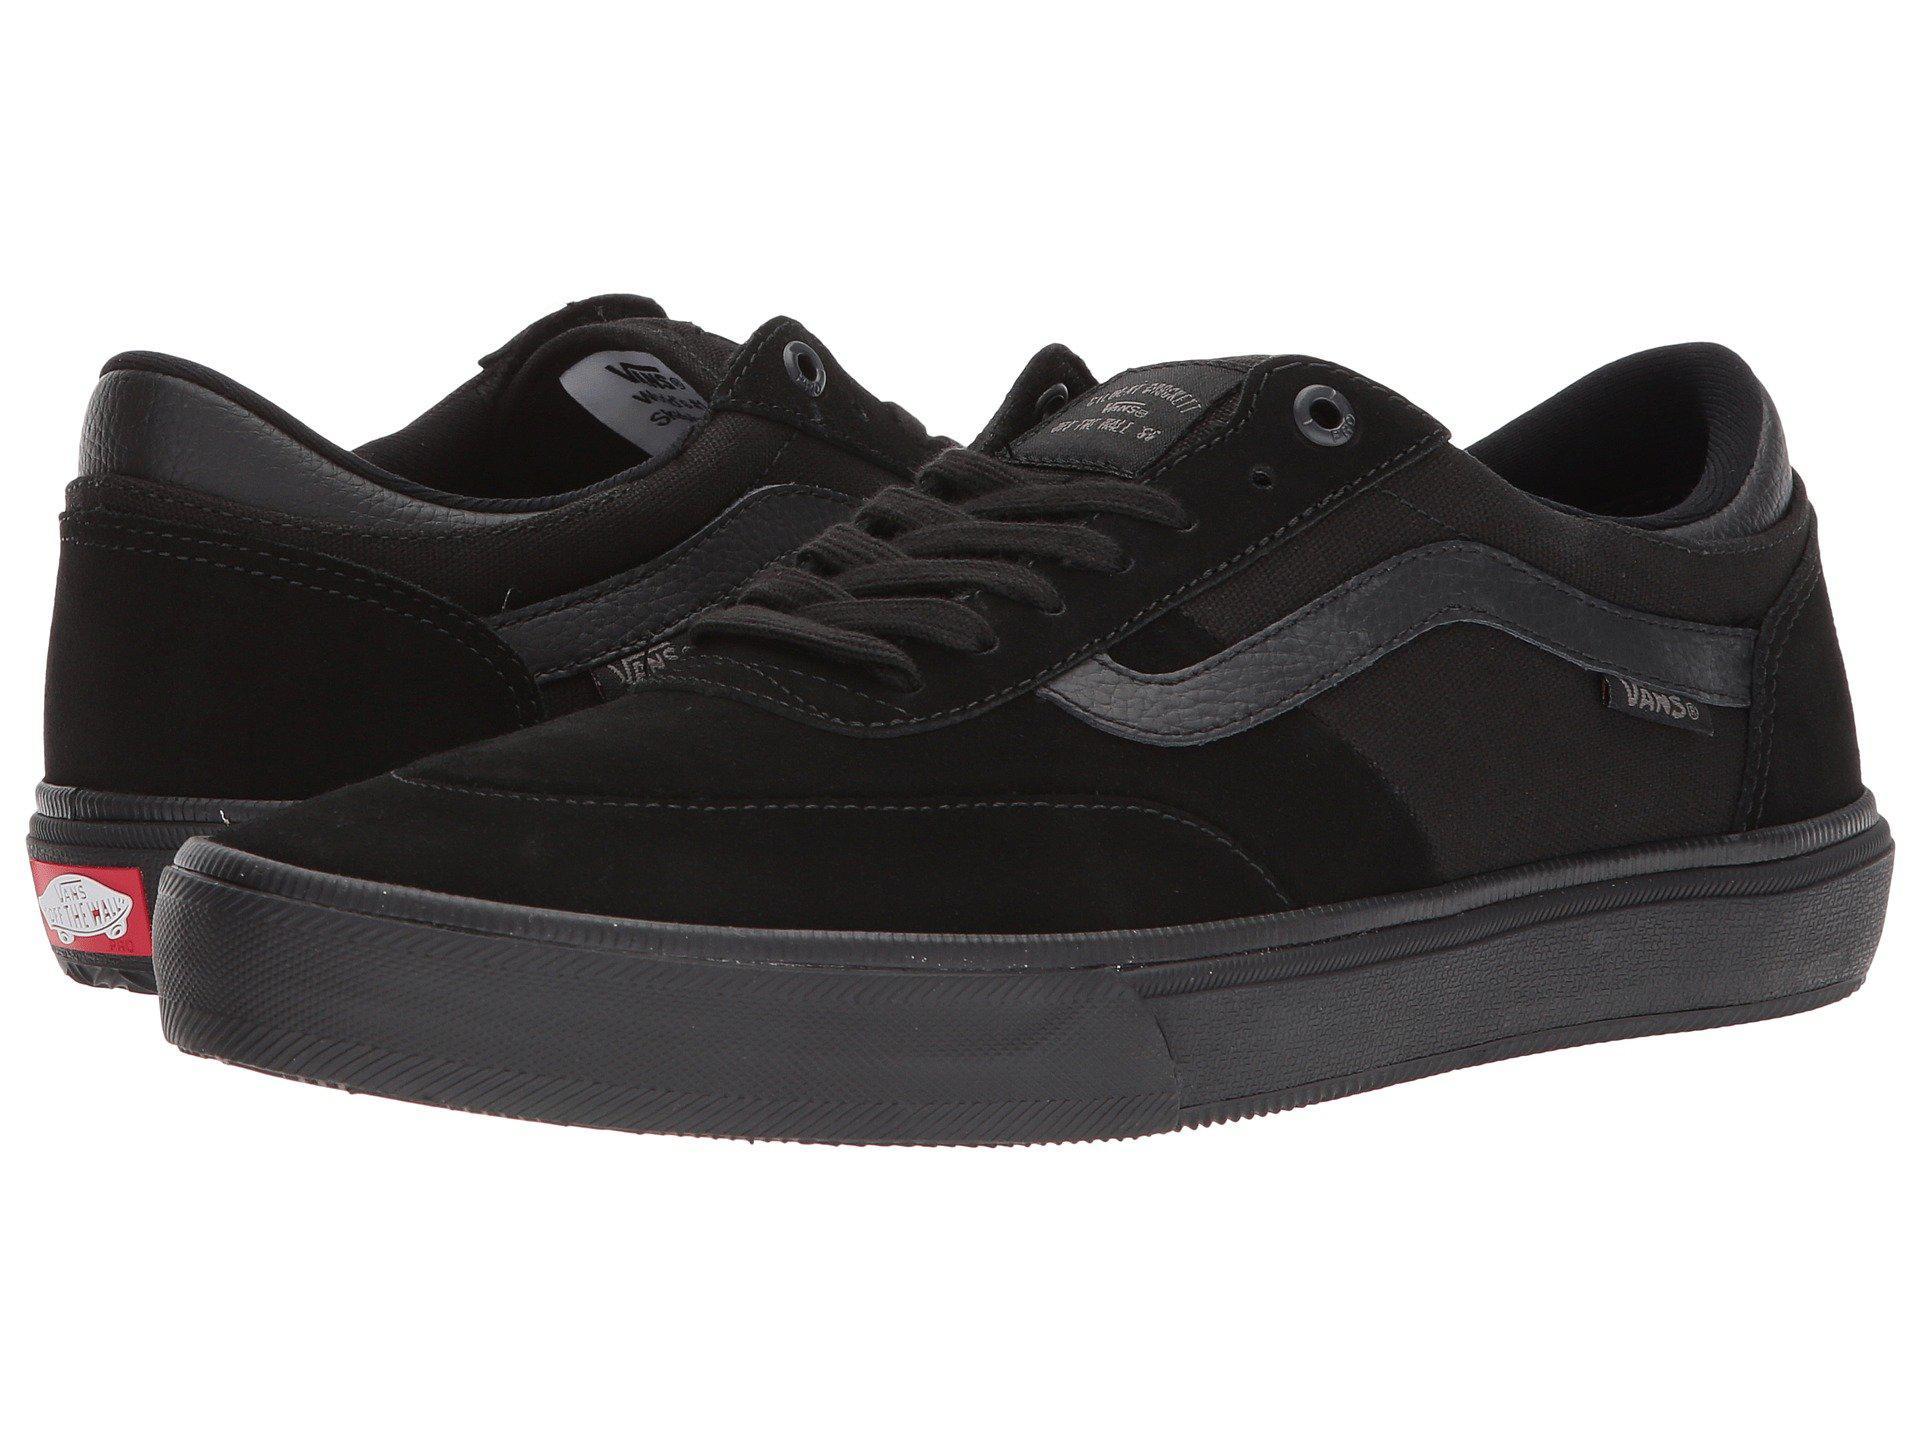 81751842226 Lyst - Vans Gilbert Crockett Pro 2 (black white) Men s Skate Shoes ...